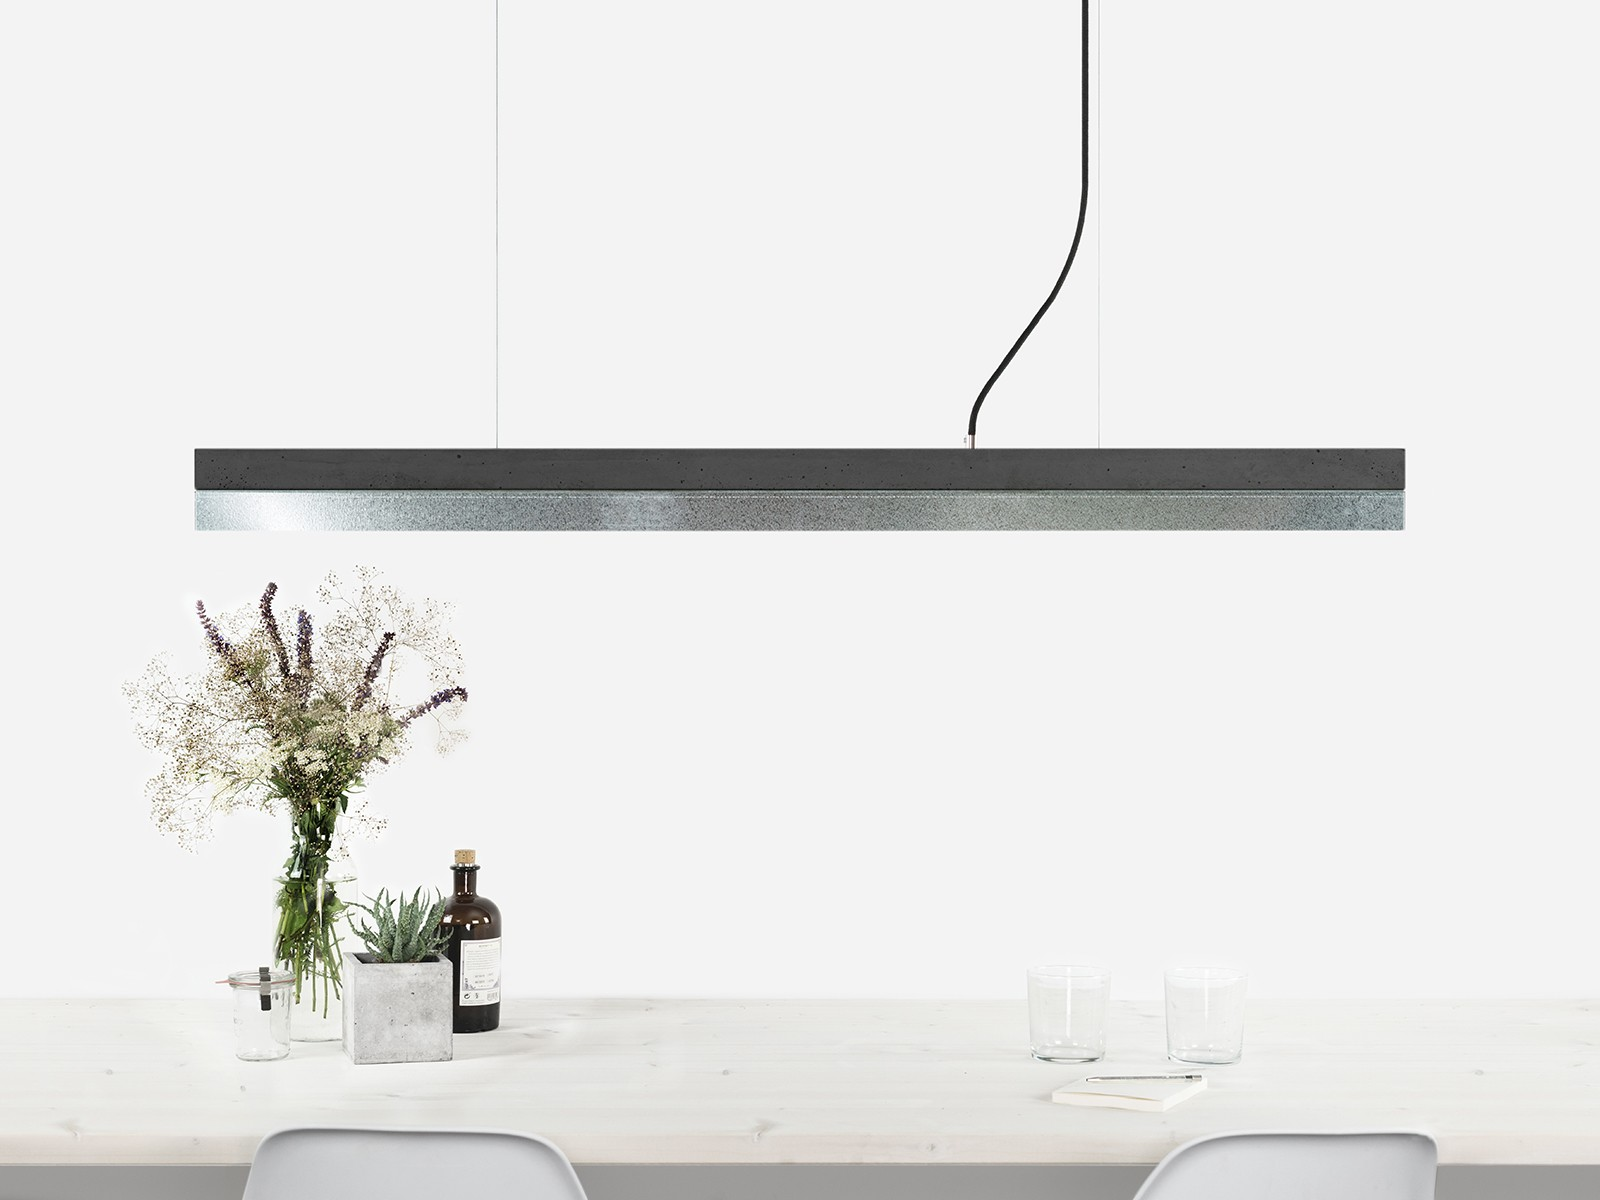 [C1] ZINC - Dimmable LED - Concrete & Zinc Pendant Light Non-dimmable, Dark Grey Concrete, Zinc